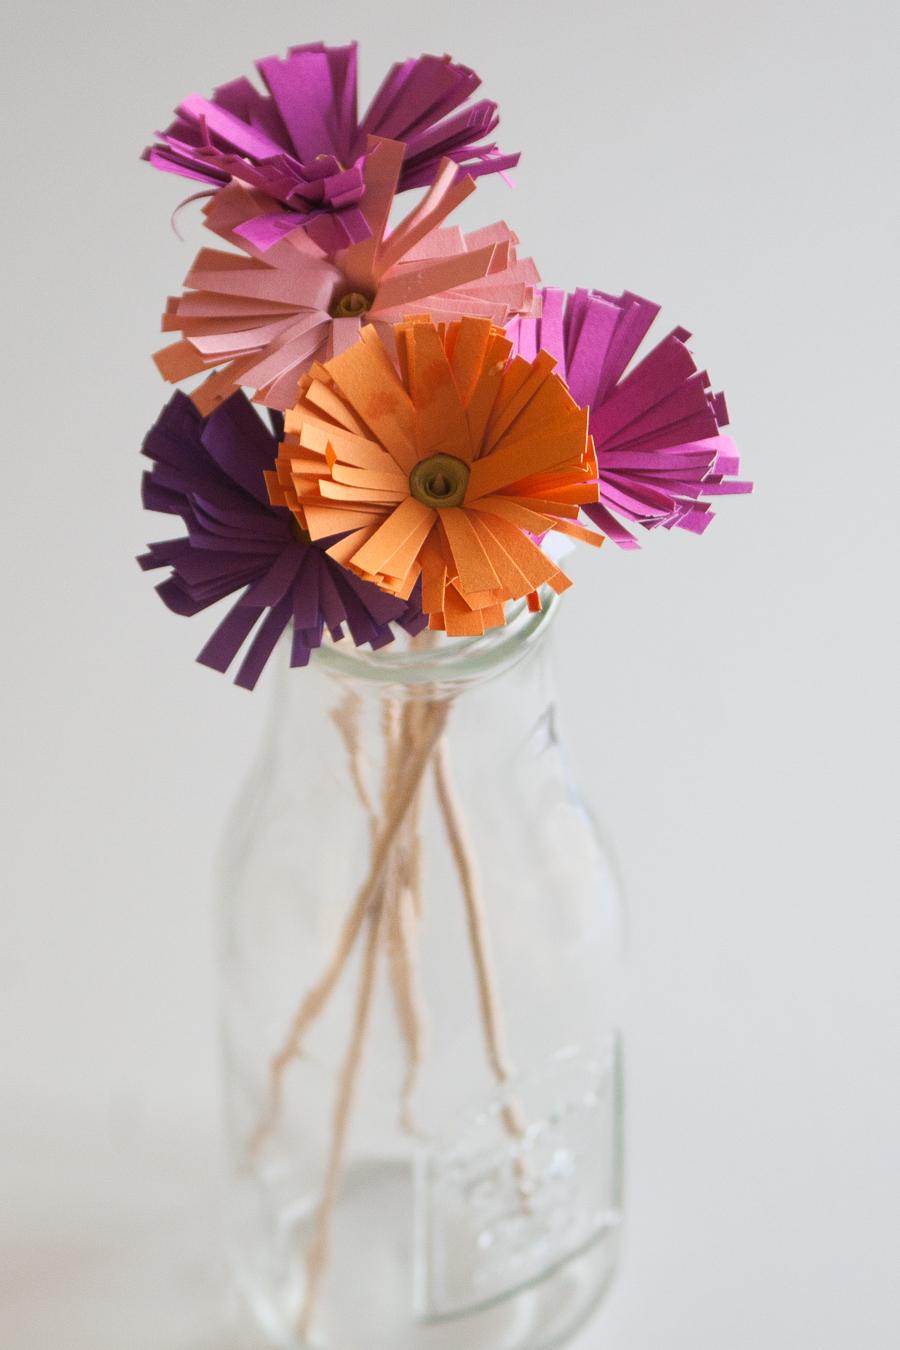 šopek rožic iz papirja